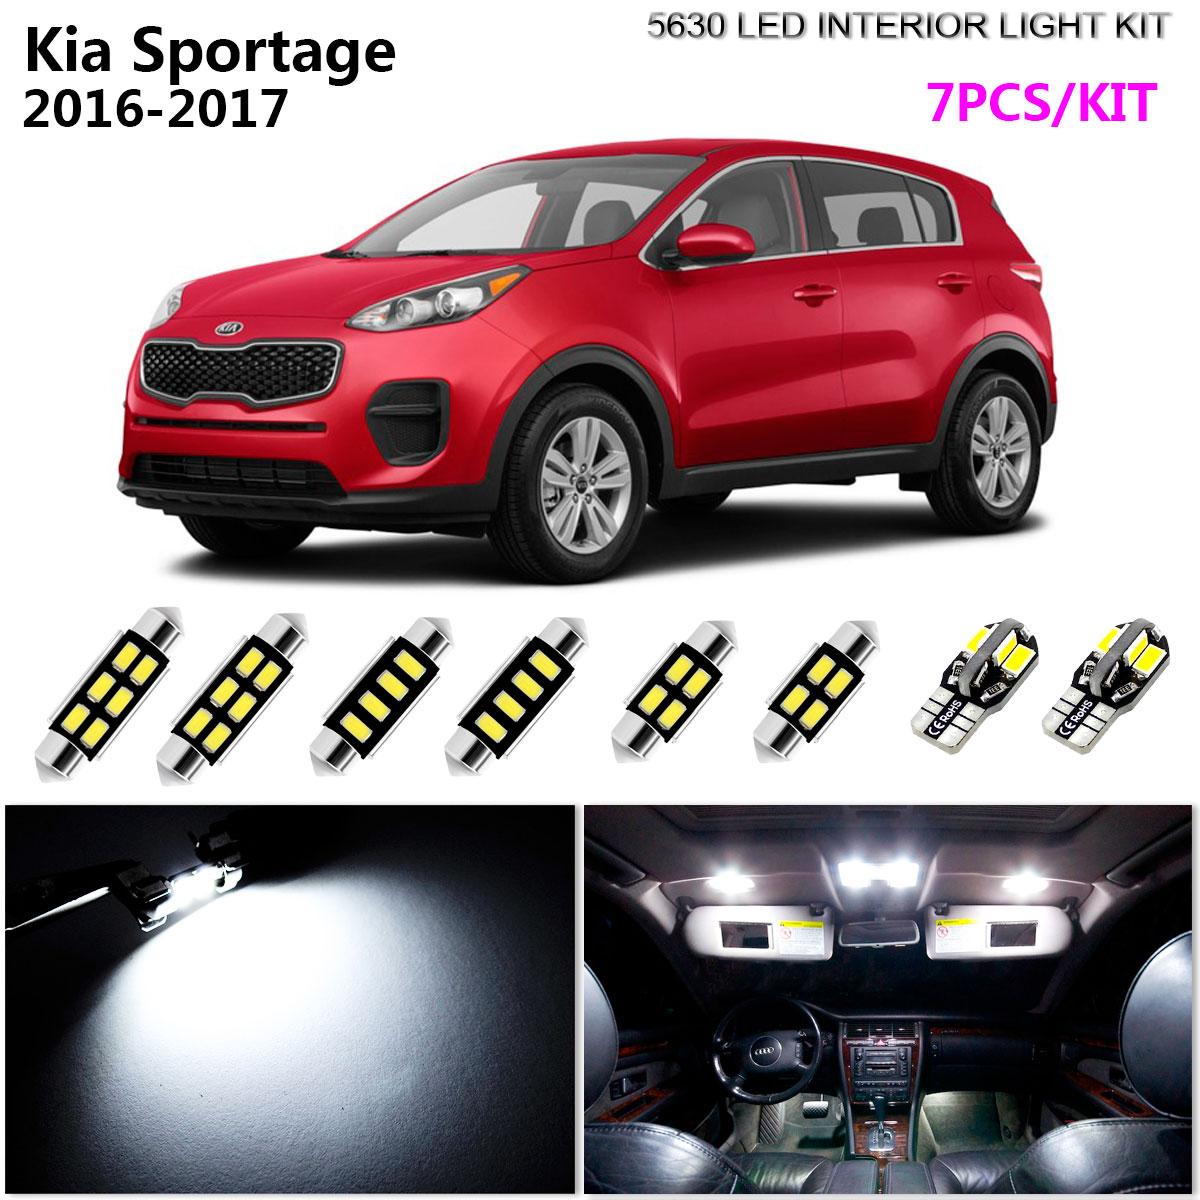 10 x White LED Bulbs for 2017 2018 Kia Sportage Reverse Interior Light Tag